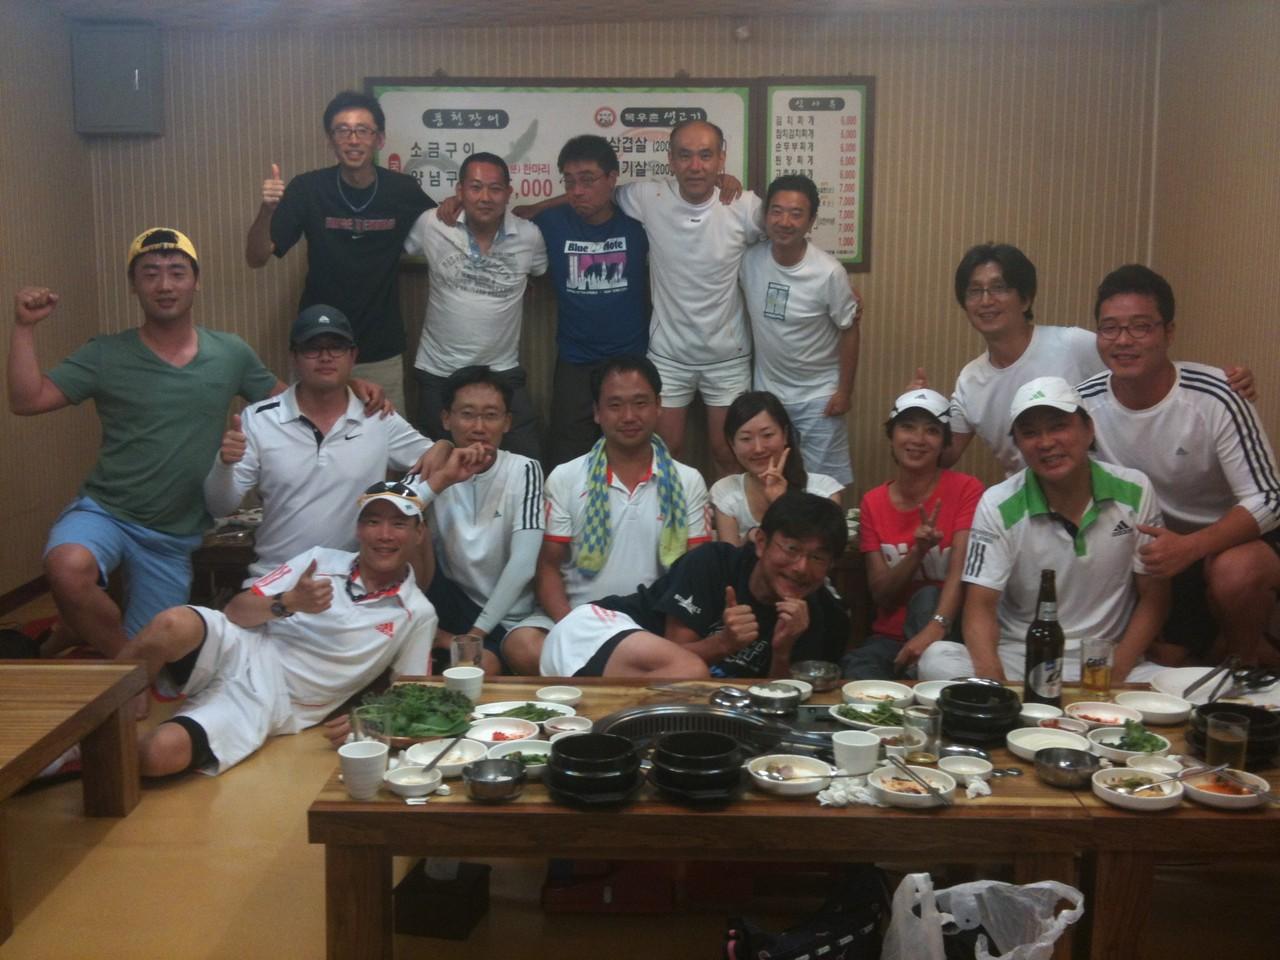 2012年7月 ラブ・フォーティTCとの練習試合後の宴会、盛り上がりました^^